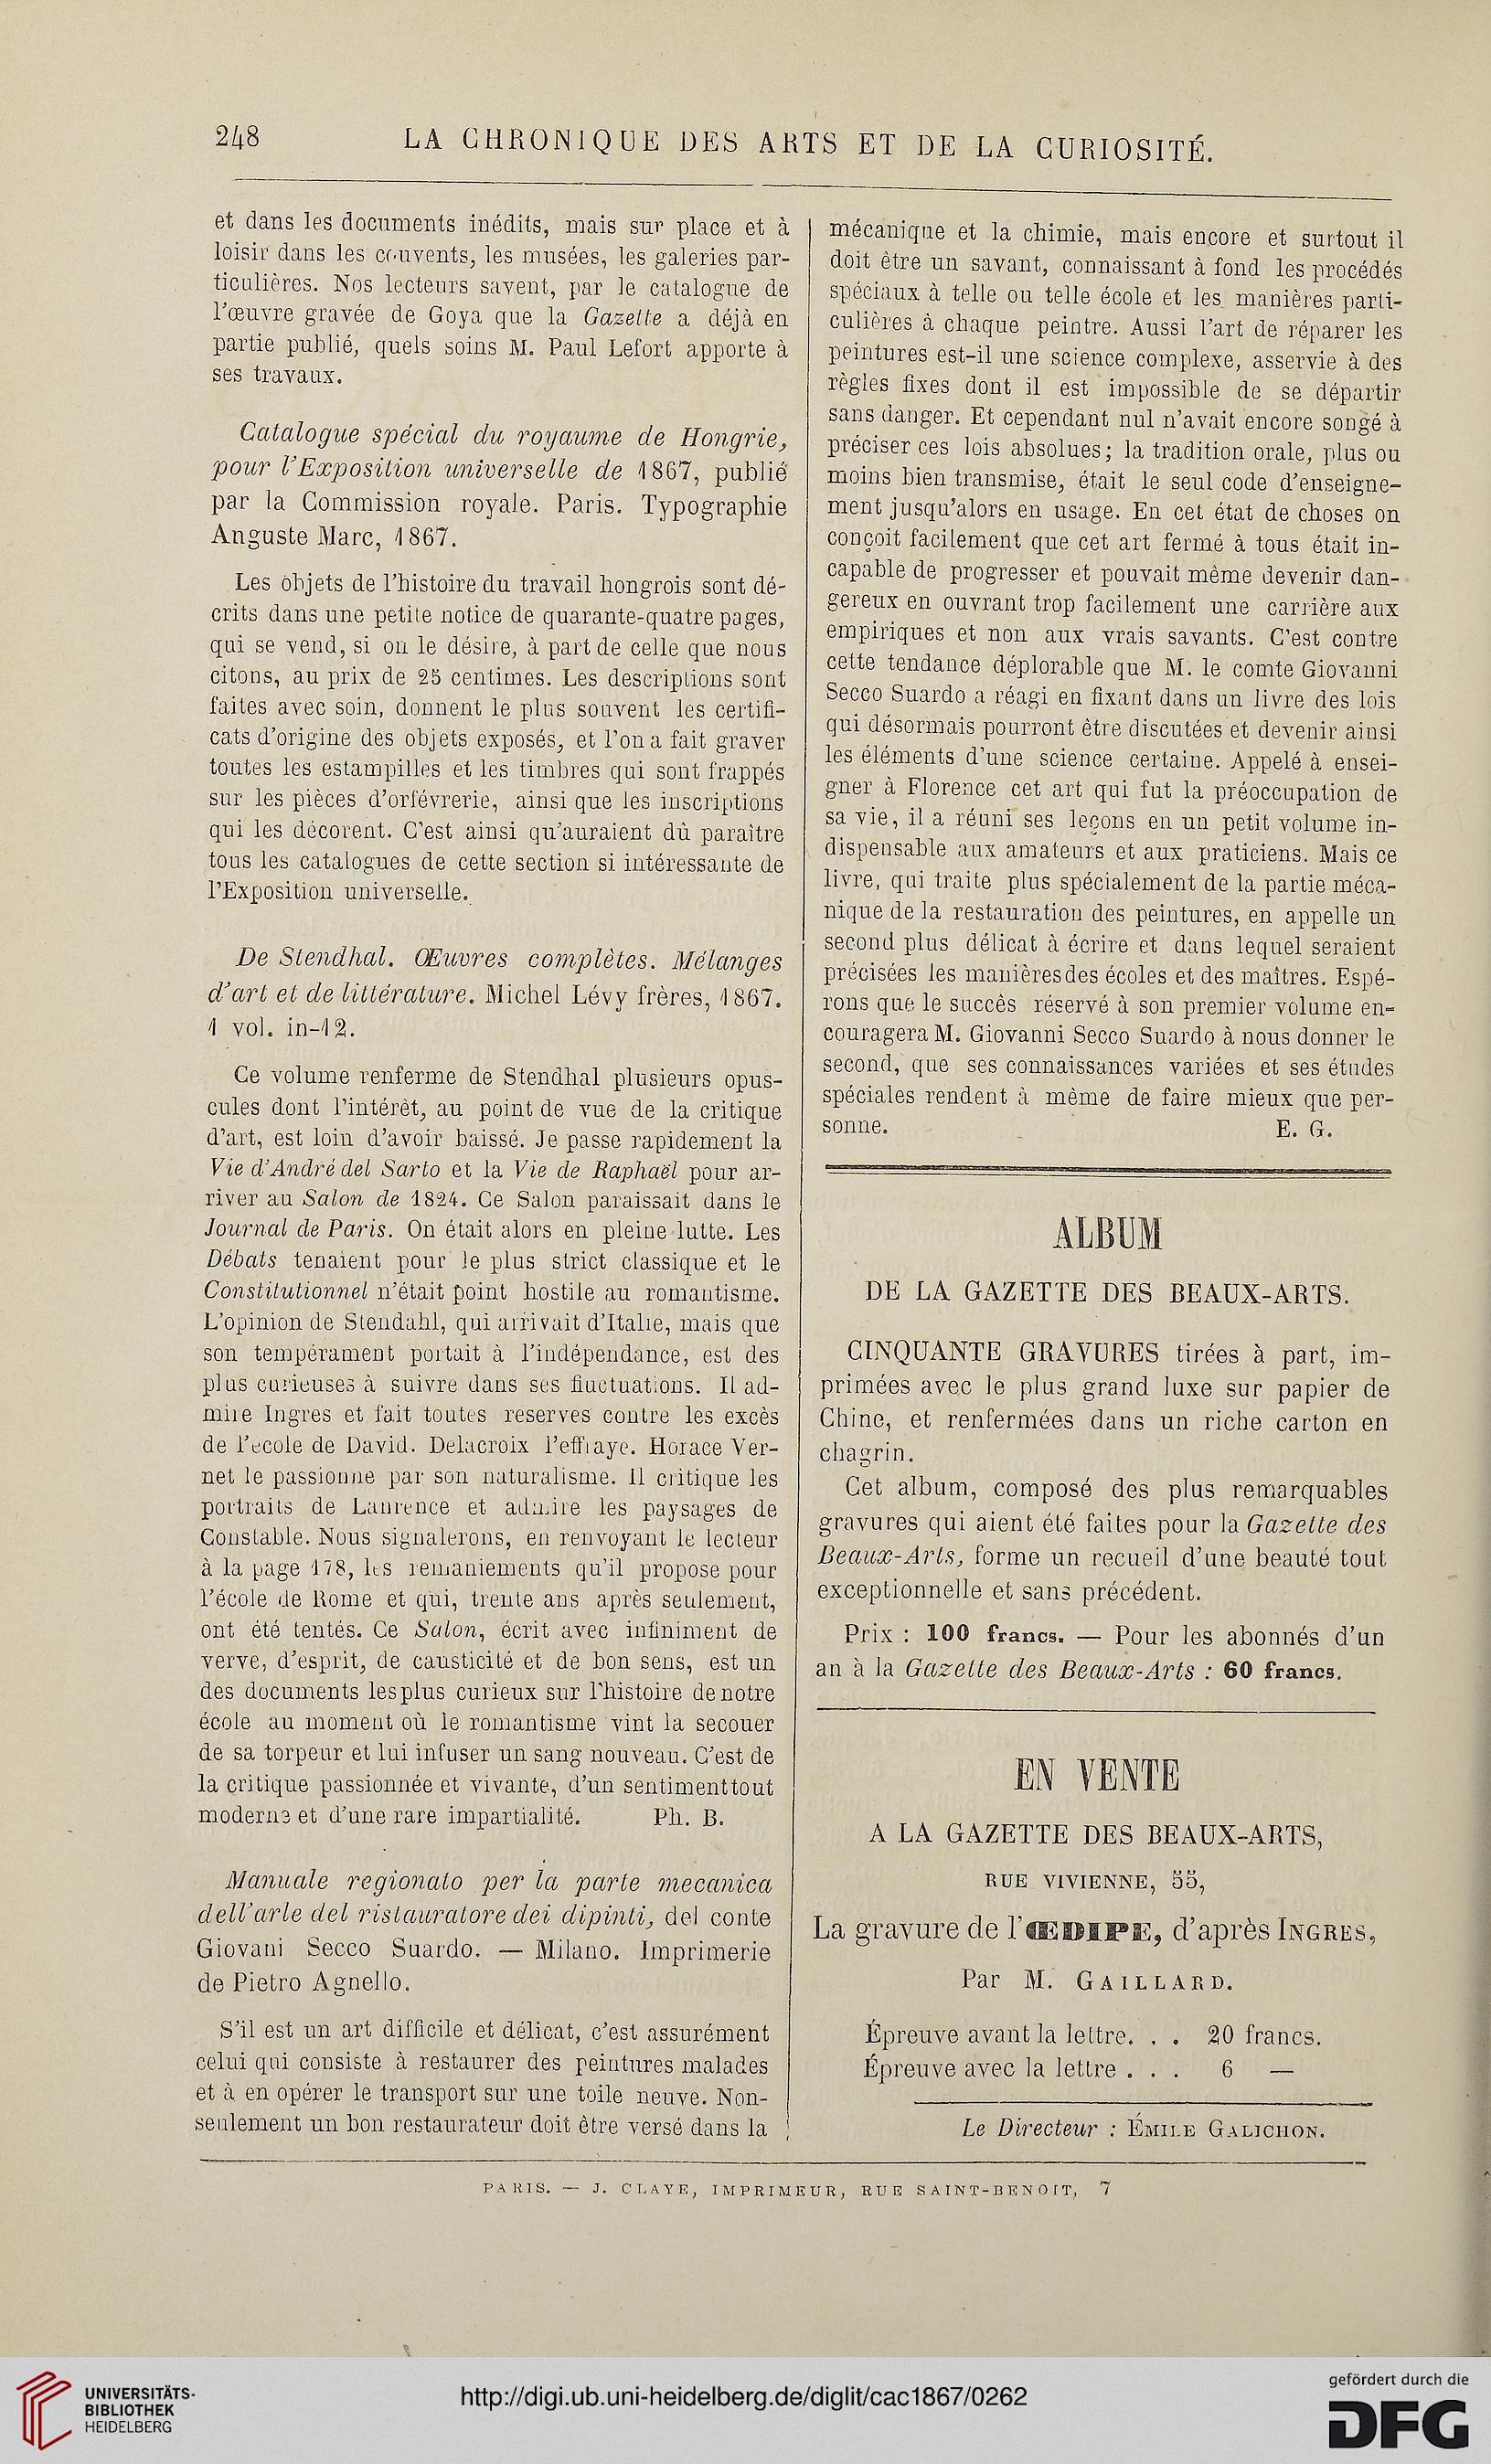 La chronique des arts et de la curiosité (1867)